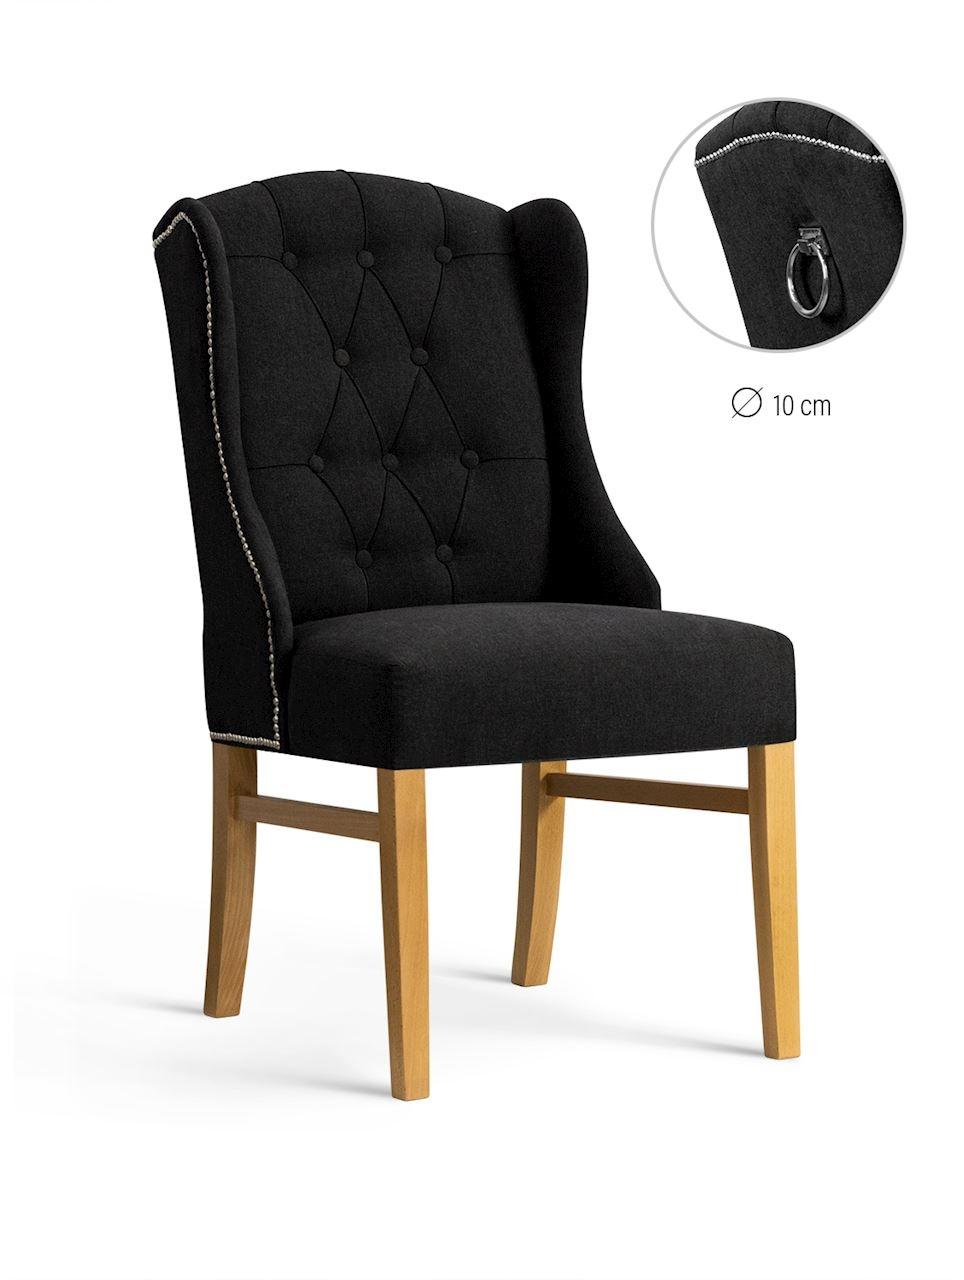 Scaun tapitat cu stofa, cu picioare din lemn Royal Black / Oak, l55xA74xH105 cm